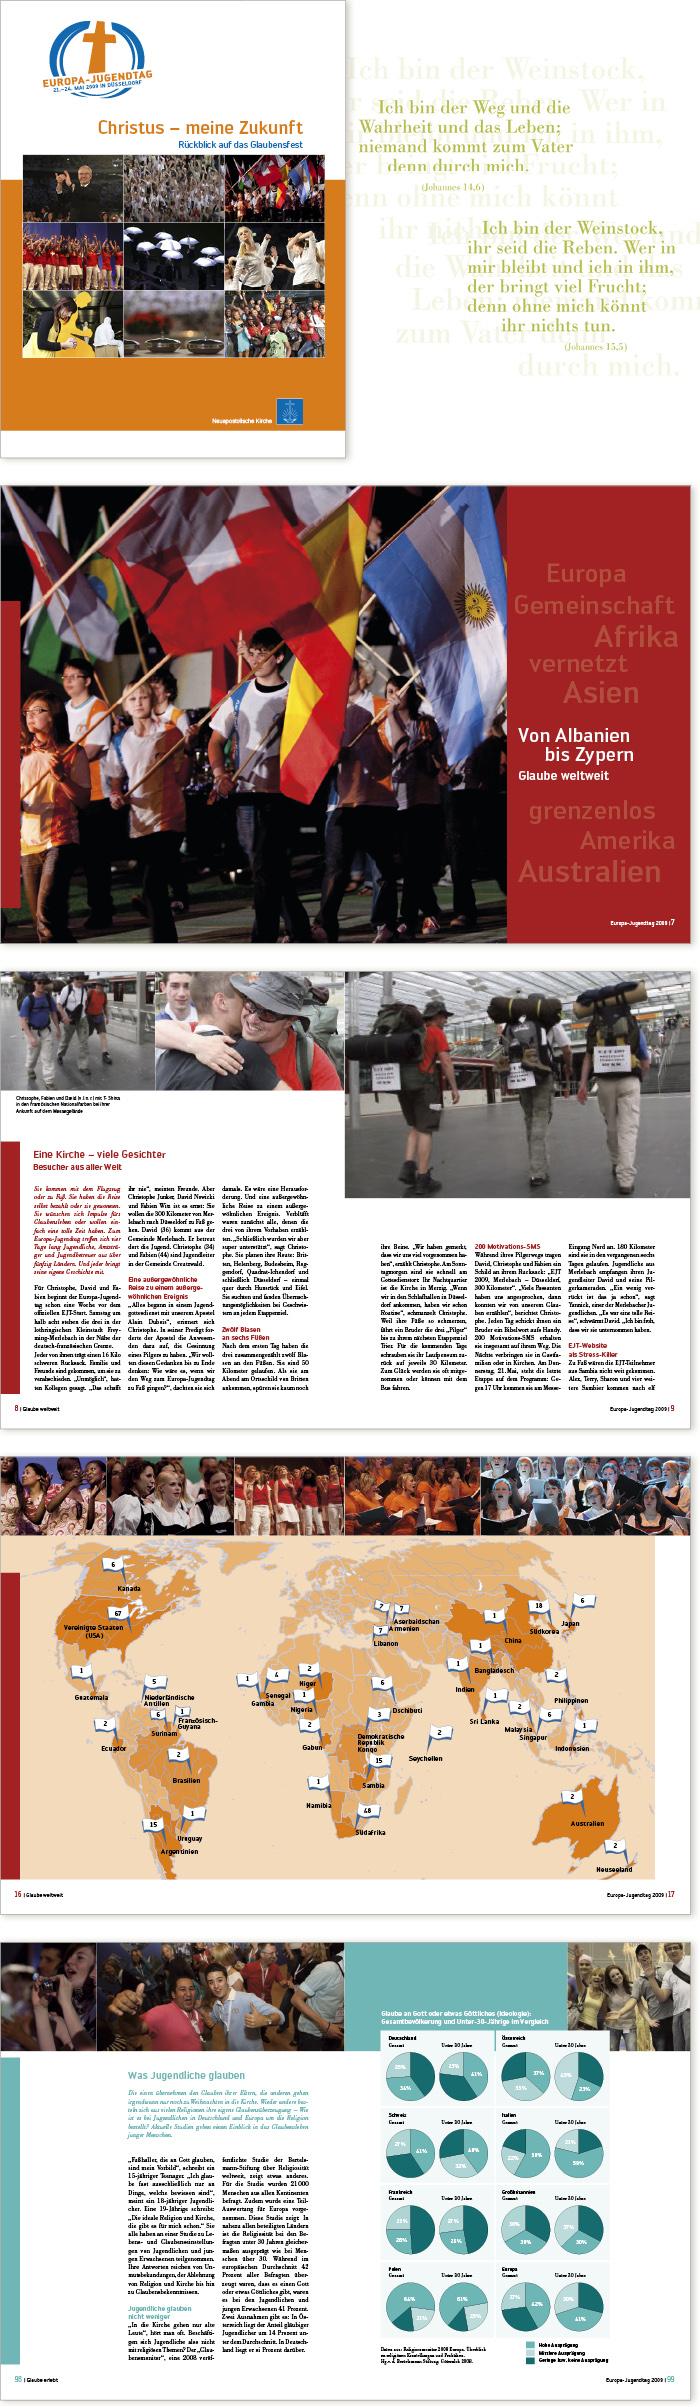 Bischoff Verlag Europa Jugendtag Broschüre Gestaltung